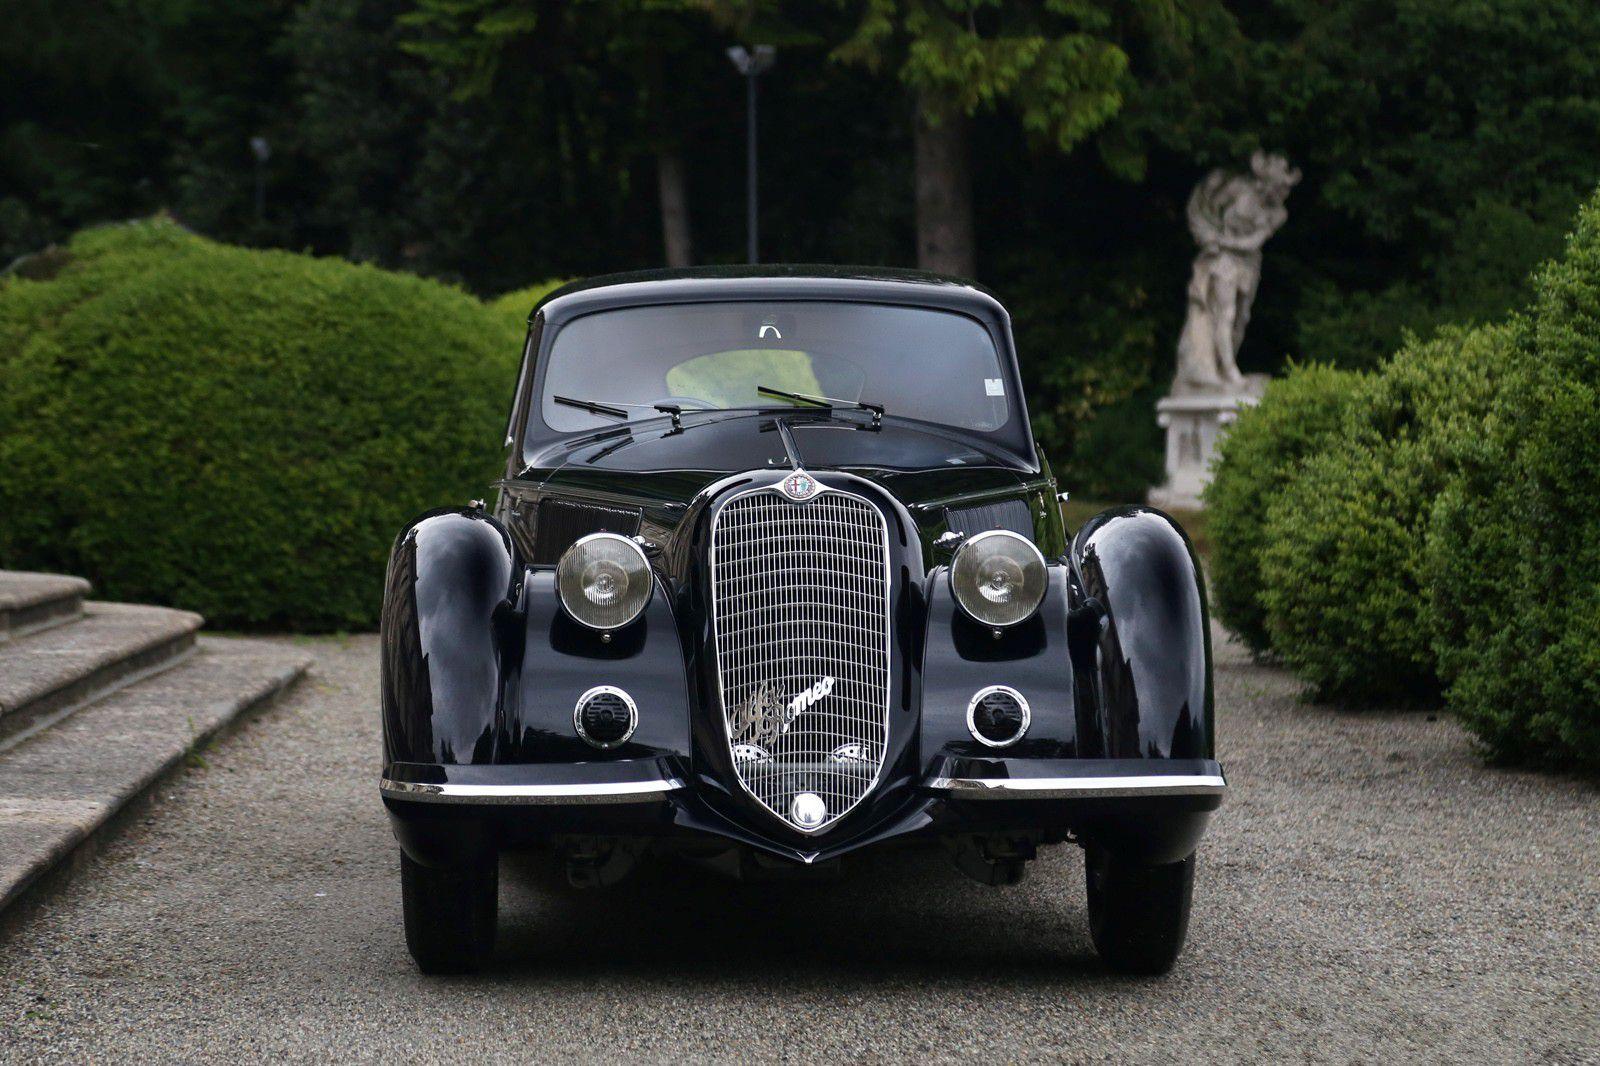 VOITURES DE LEGENDE (1191) : ALFA-ROMEO  8C 2900B TOURING BERLINETTA - 1937